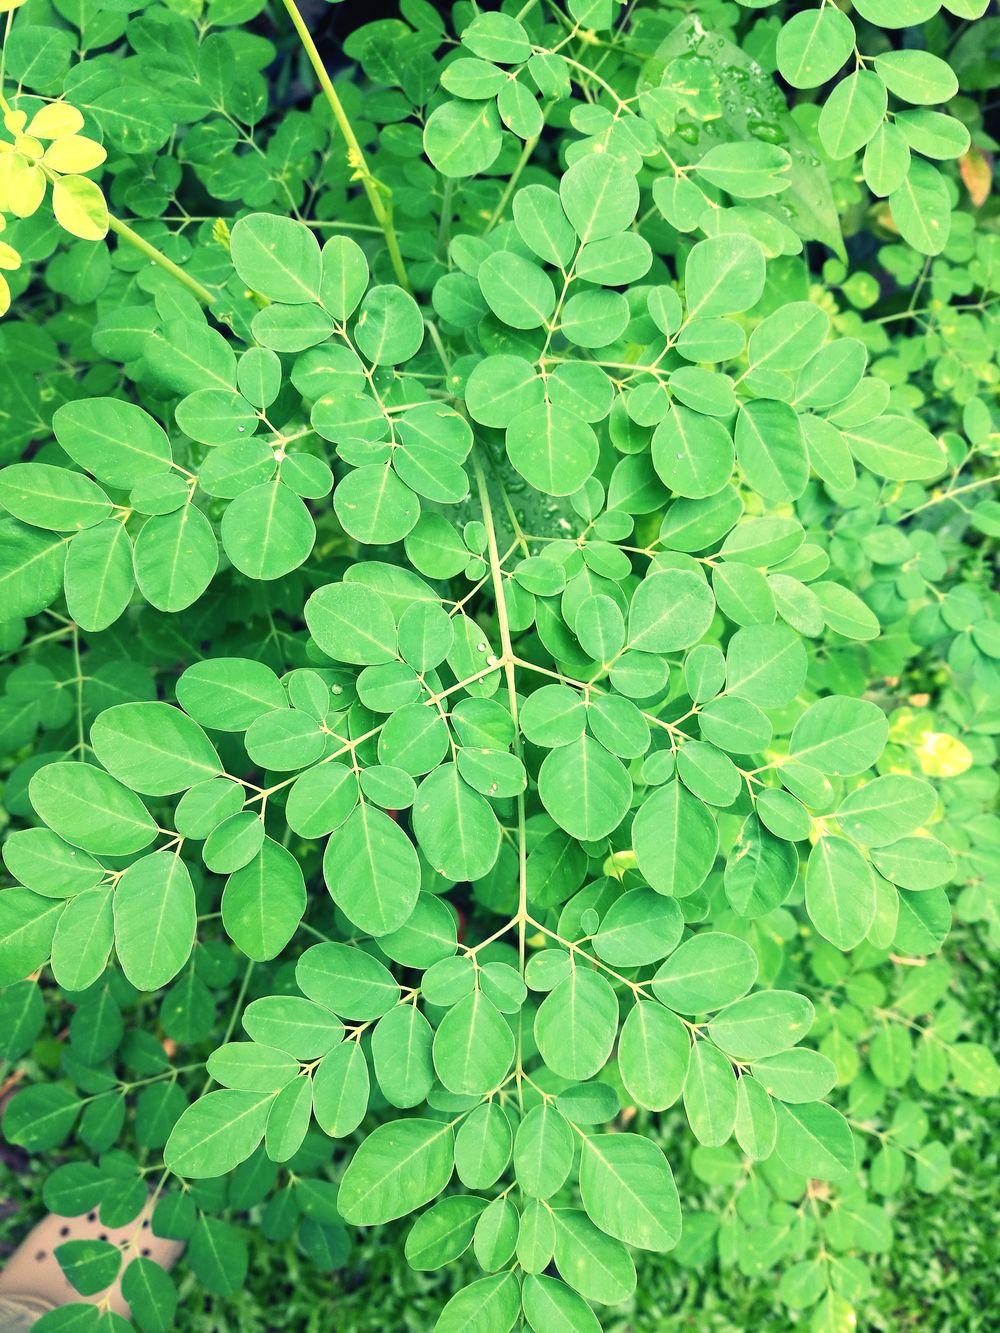 Leaf Green Color Plant Growth Moringa Tree Moringa